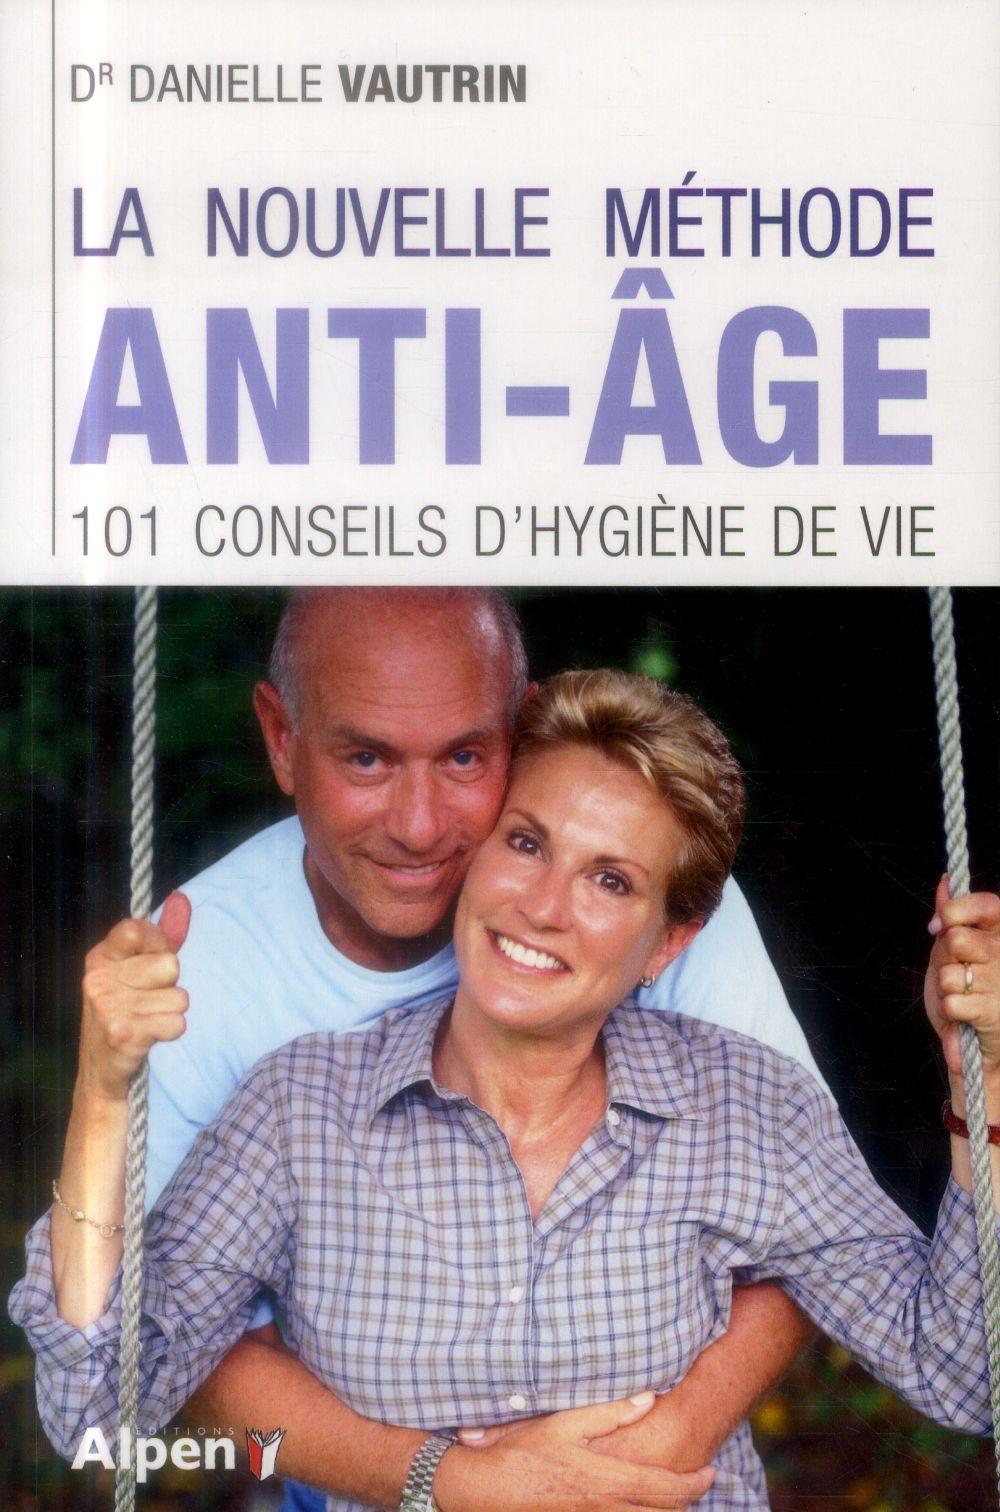 LA NOUVELLE METHODE ANTI-AGE - 101 CONSEILS D'HYGIENE DE VIE